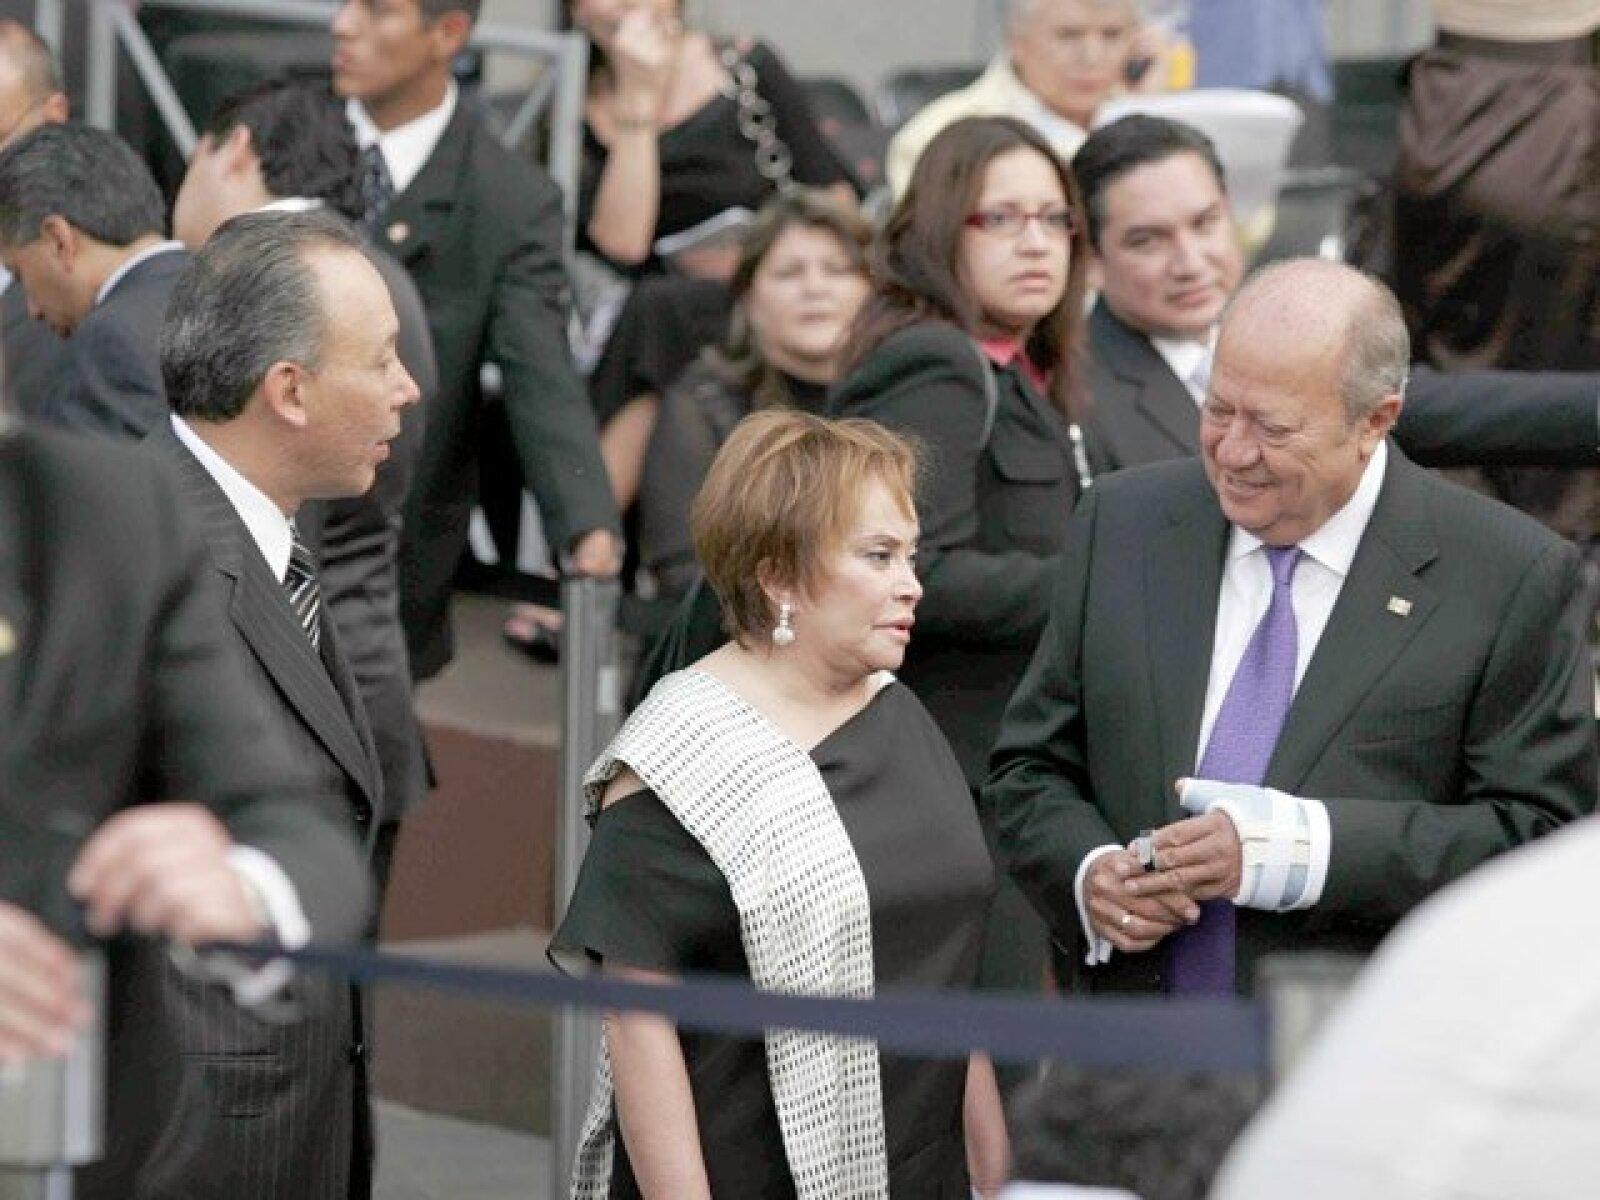 El gobernador de Chihuahua, José Reyes Baeza; la dirigente del SNTE, Elba Esther Gordillo y el líder de los petroleros, Carlos Romero Deschamps.